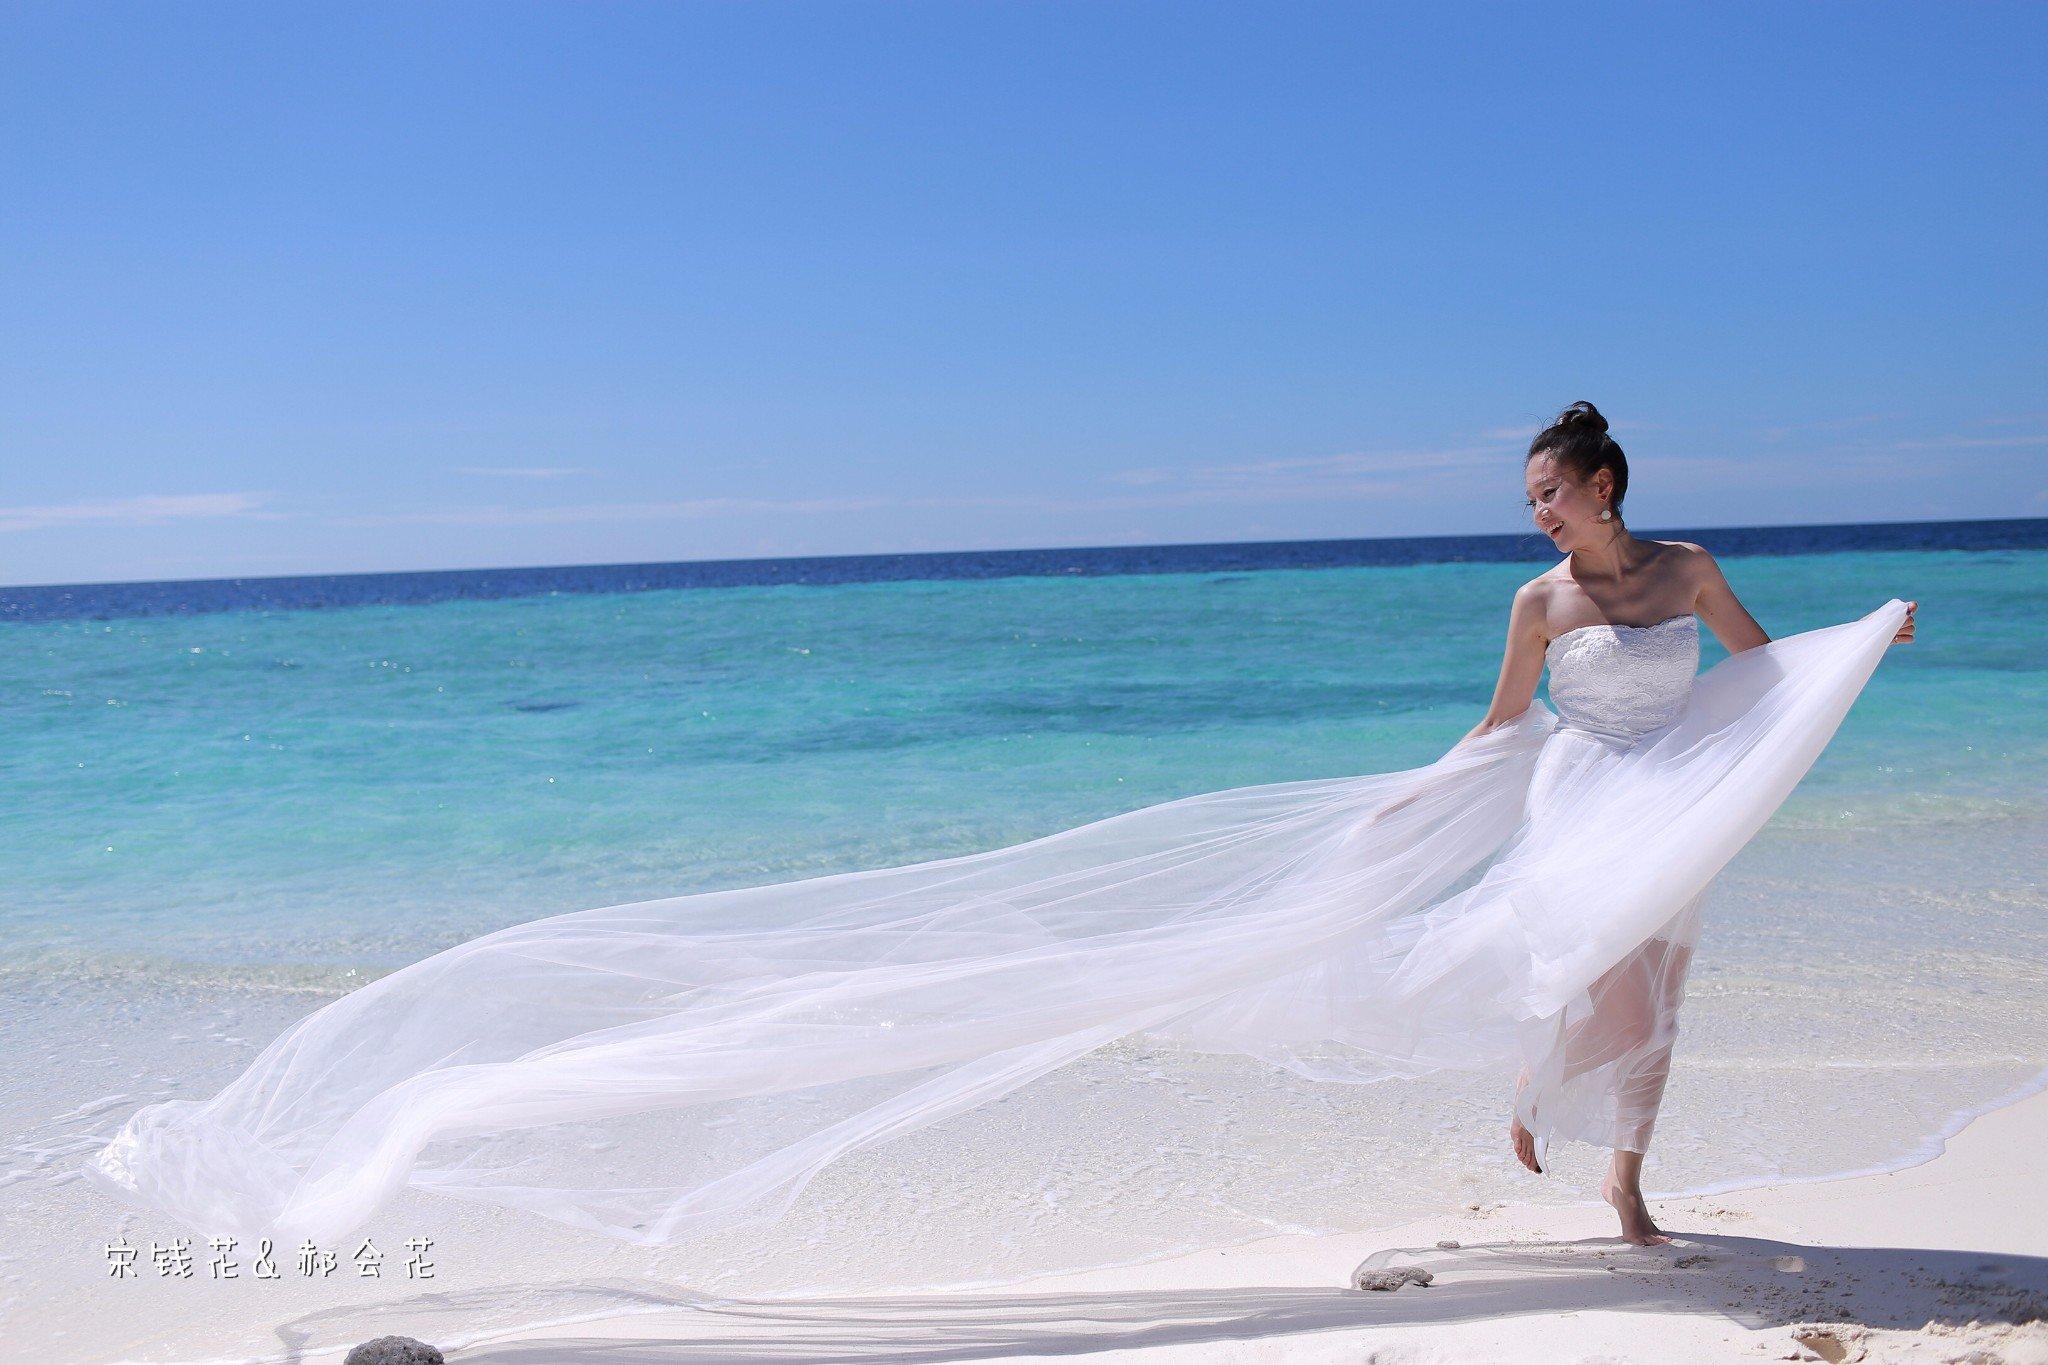 亲切自然——马尔代夫鲁滨逊岛结婚10周年旅行游记